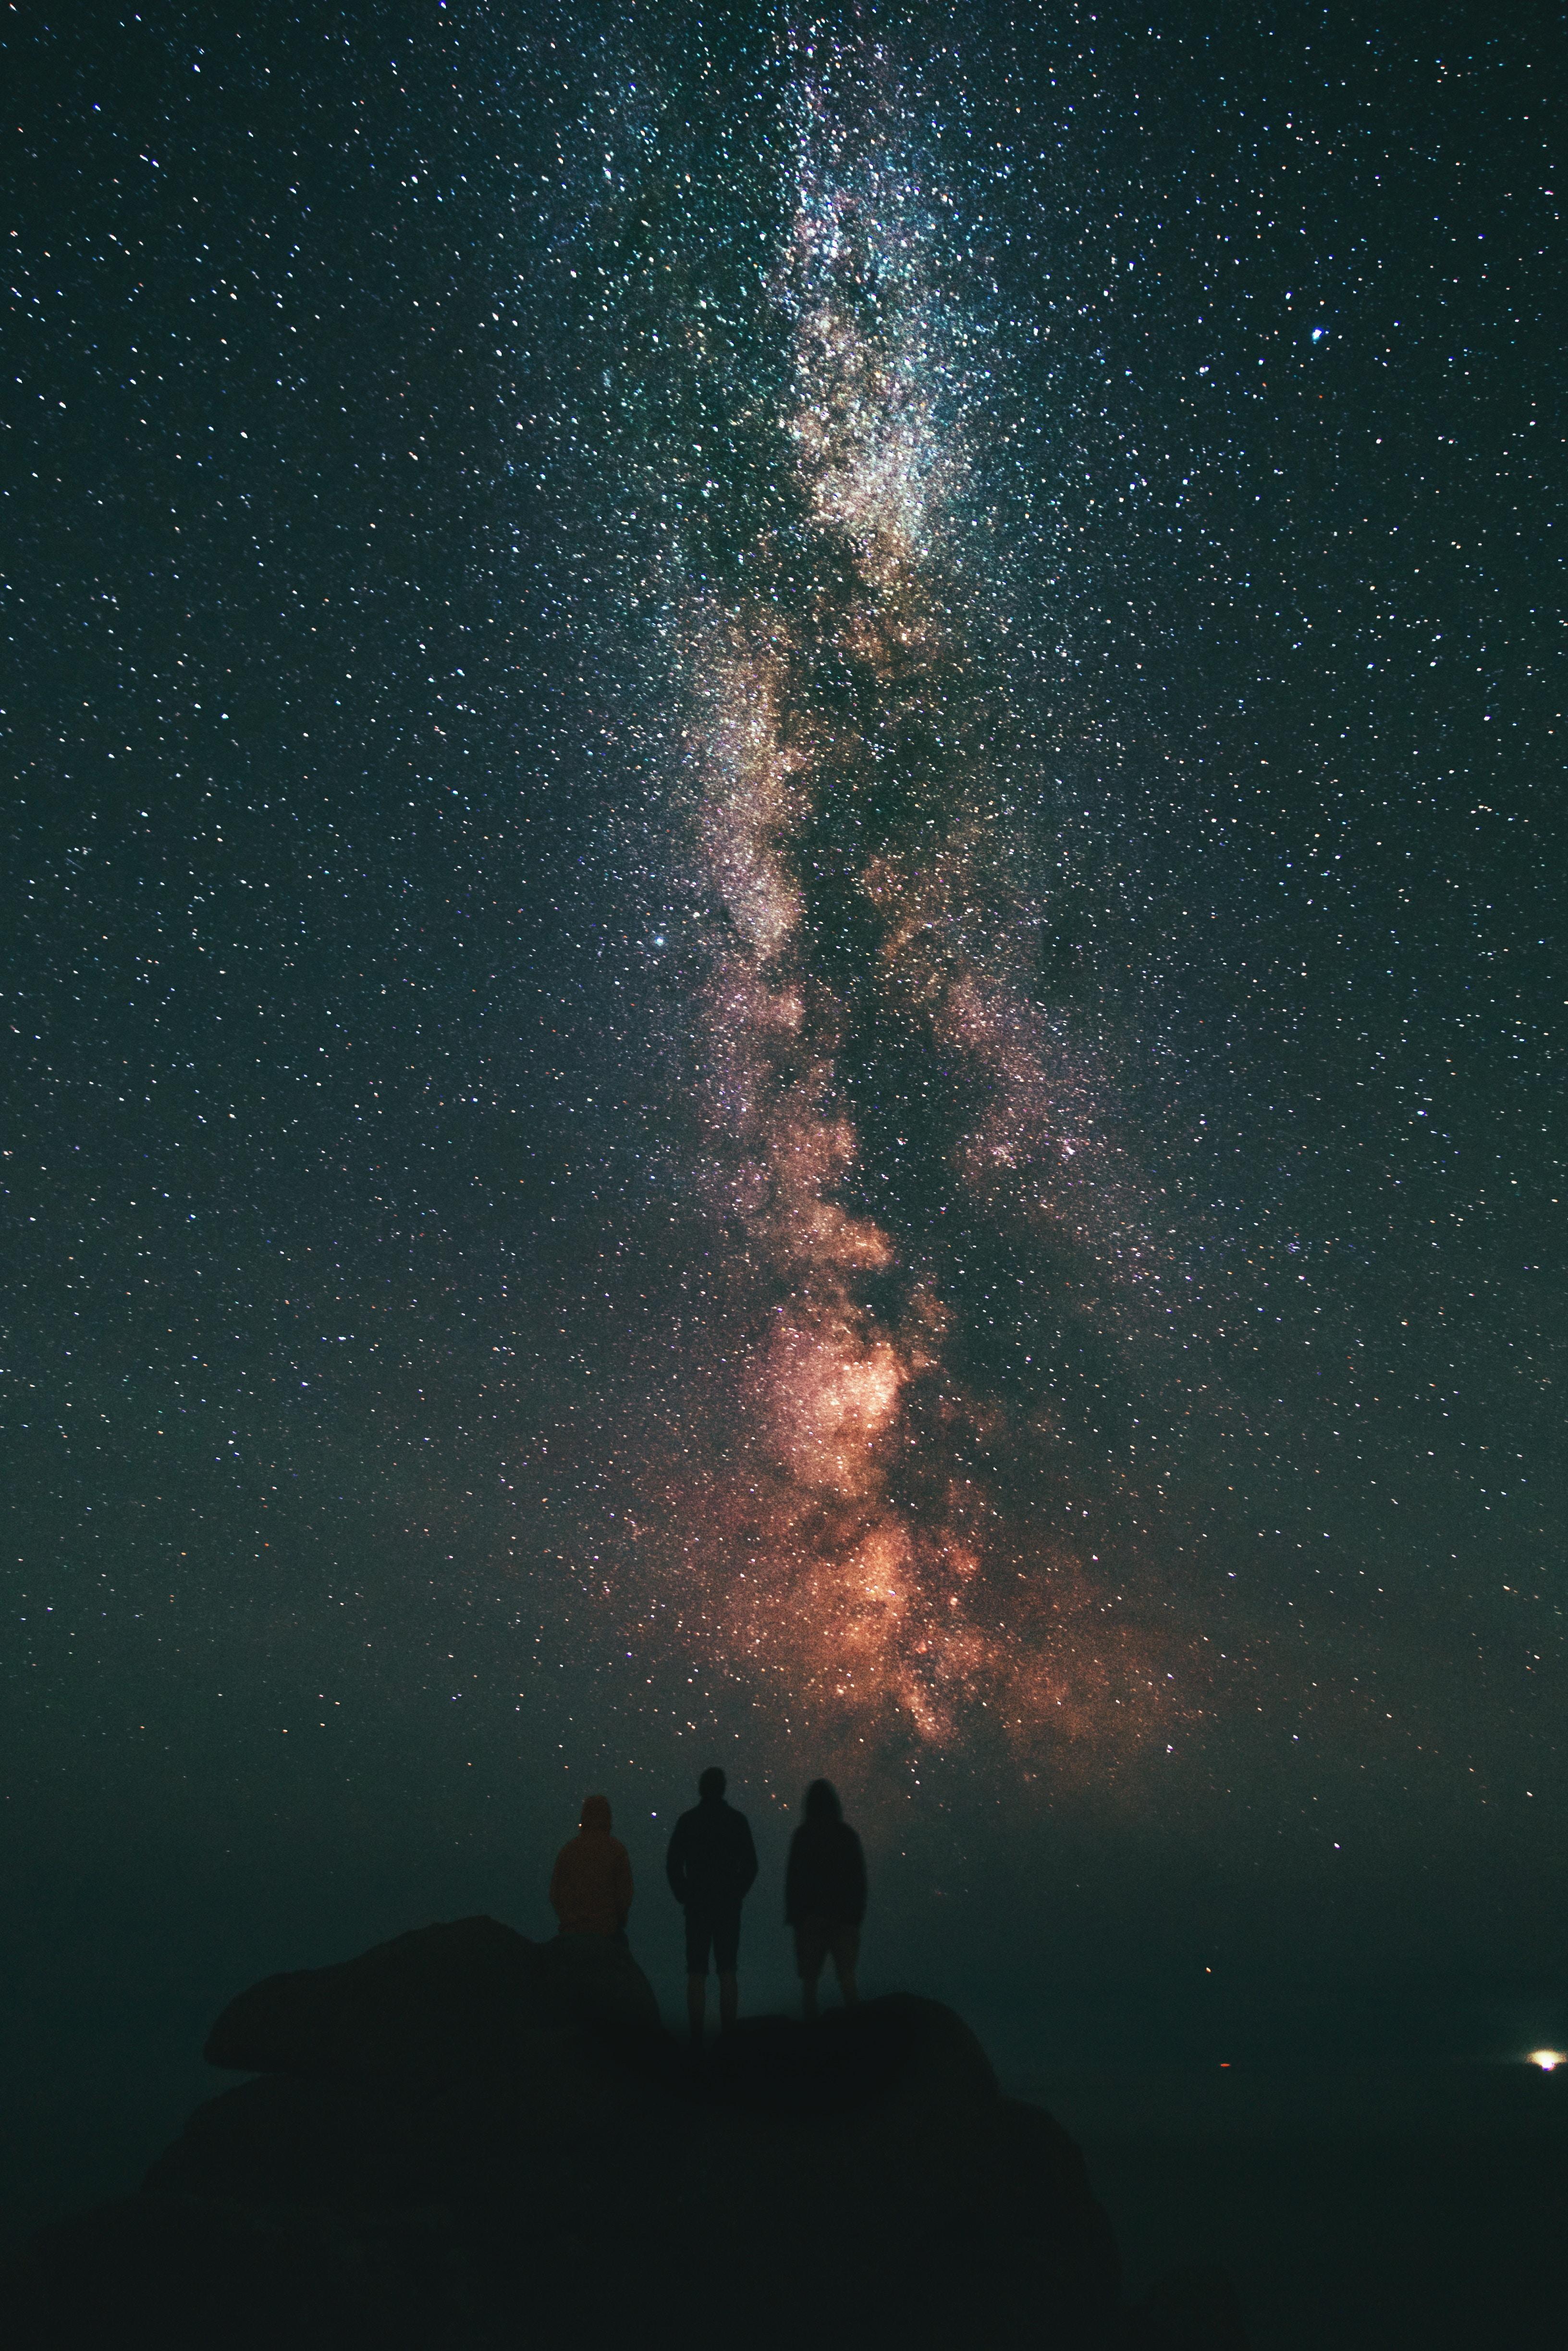 148115壁紙のダウンロード星空, ピープル, 天の川, ナイト, スカイ, 宇宙-スクリーンセーバーと写真を無料で